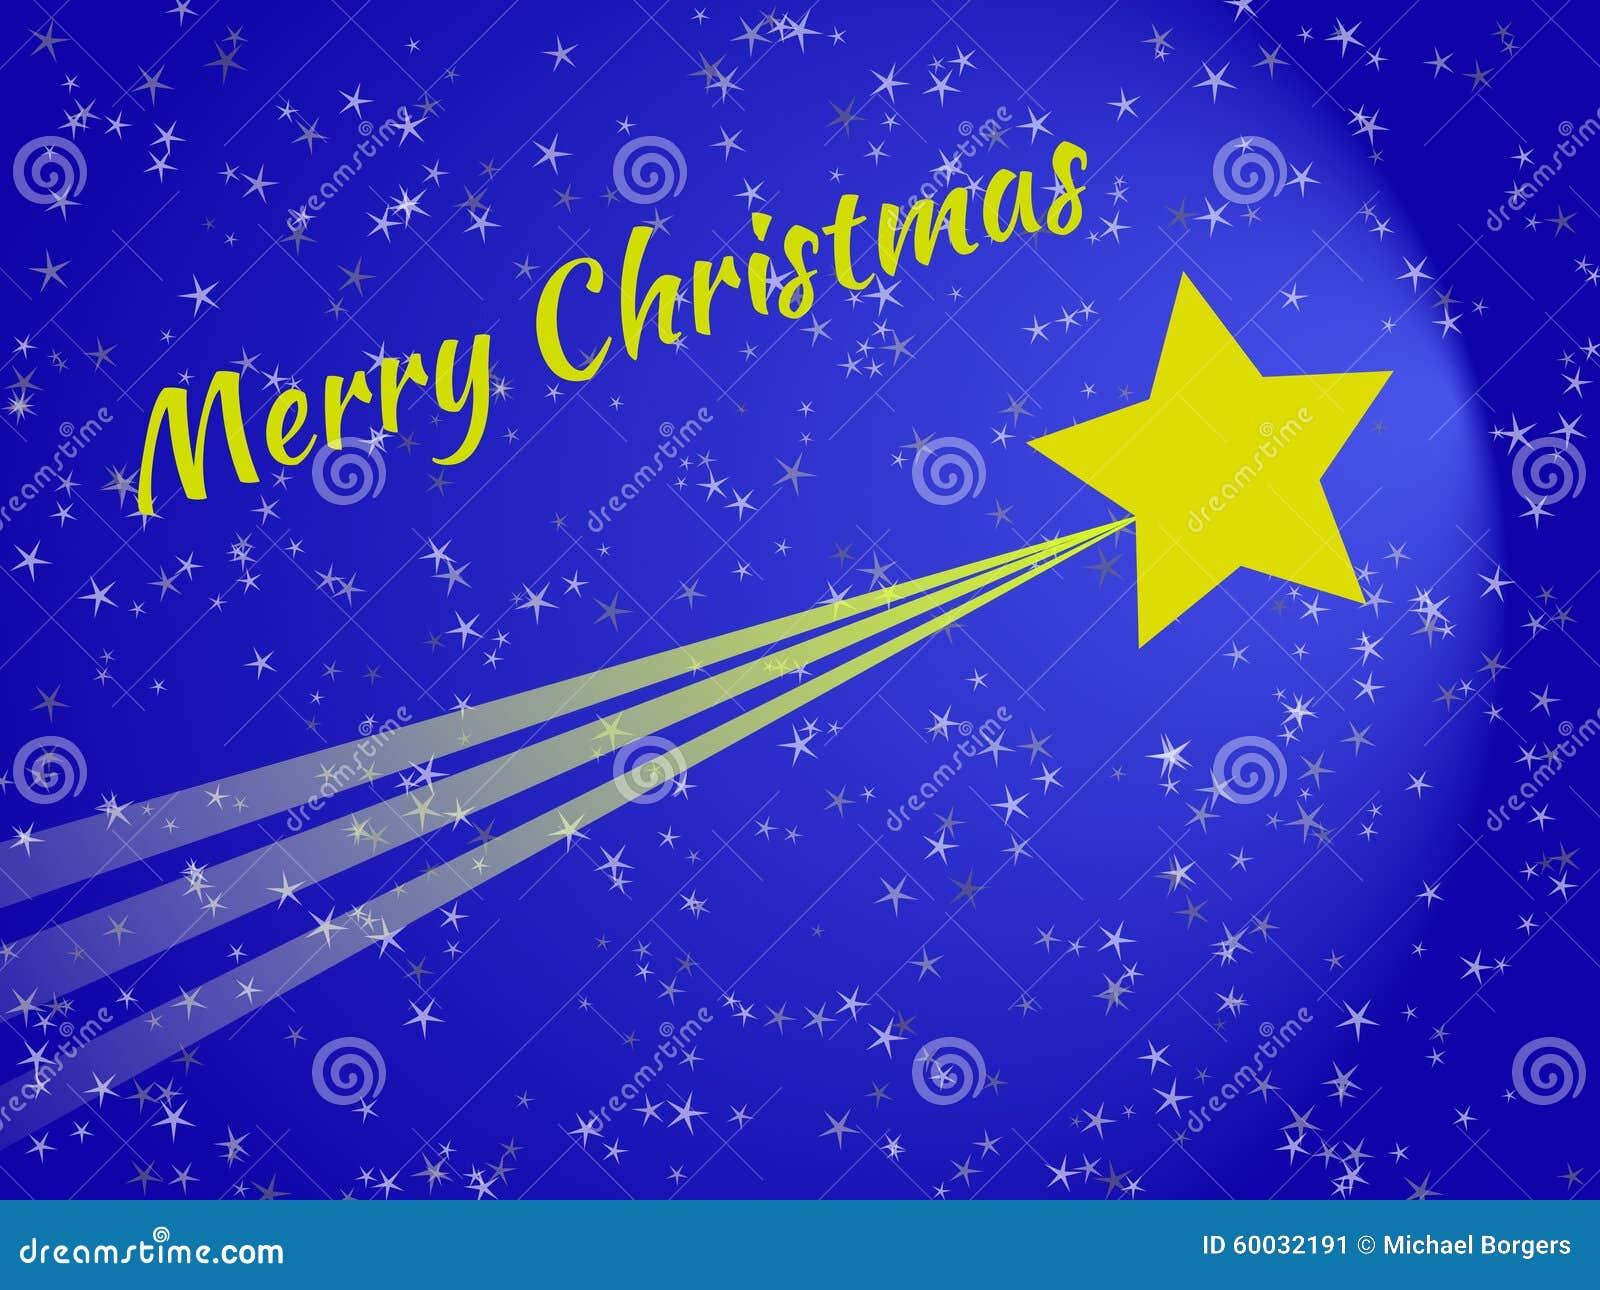 Stella Cadente Di Natale.Stella Cadente Alla Cartolina Di Natale Di Notte